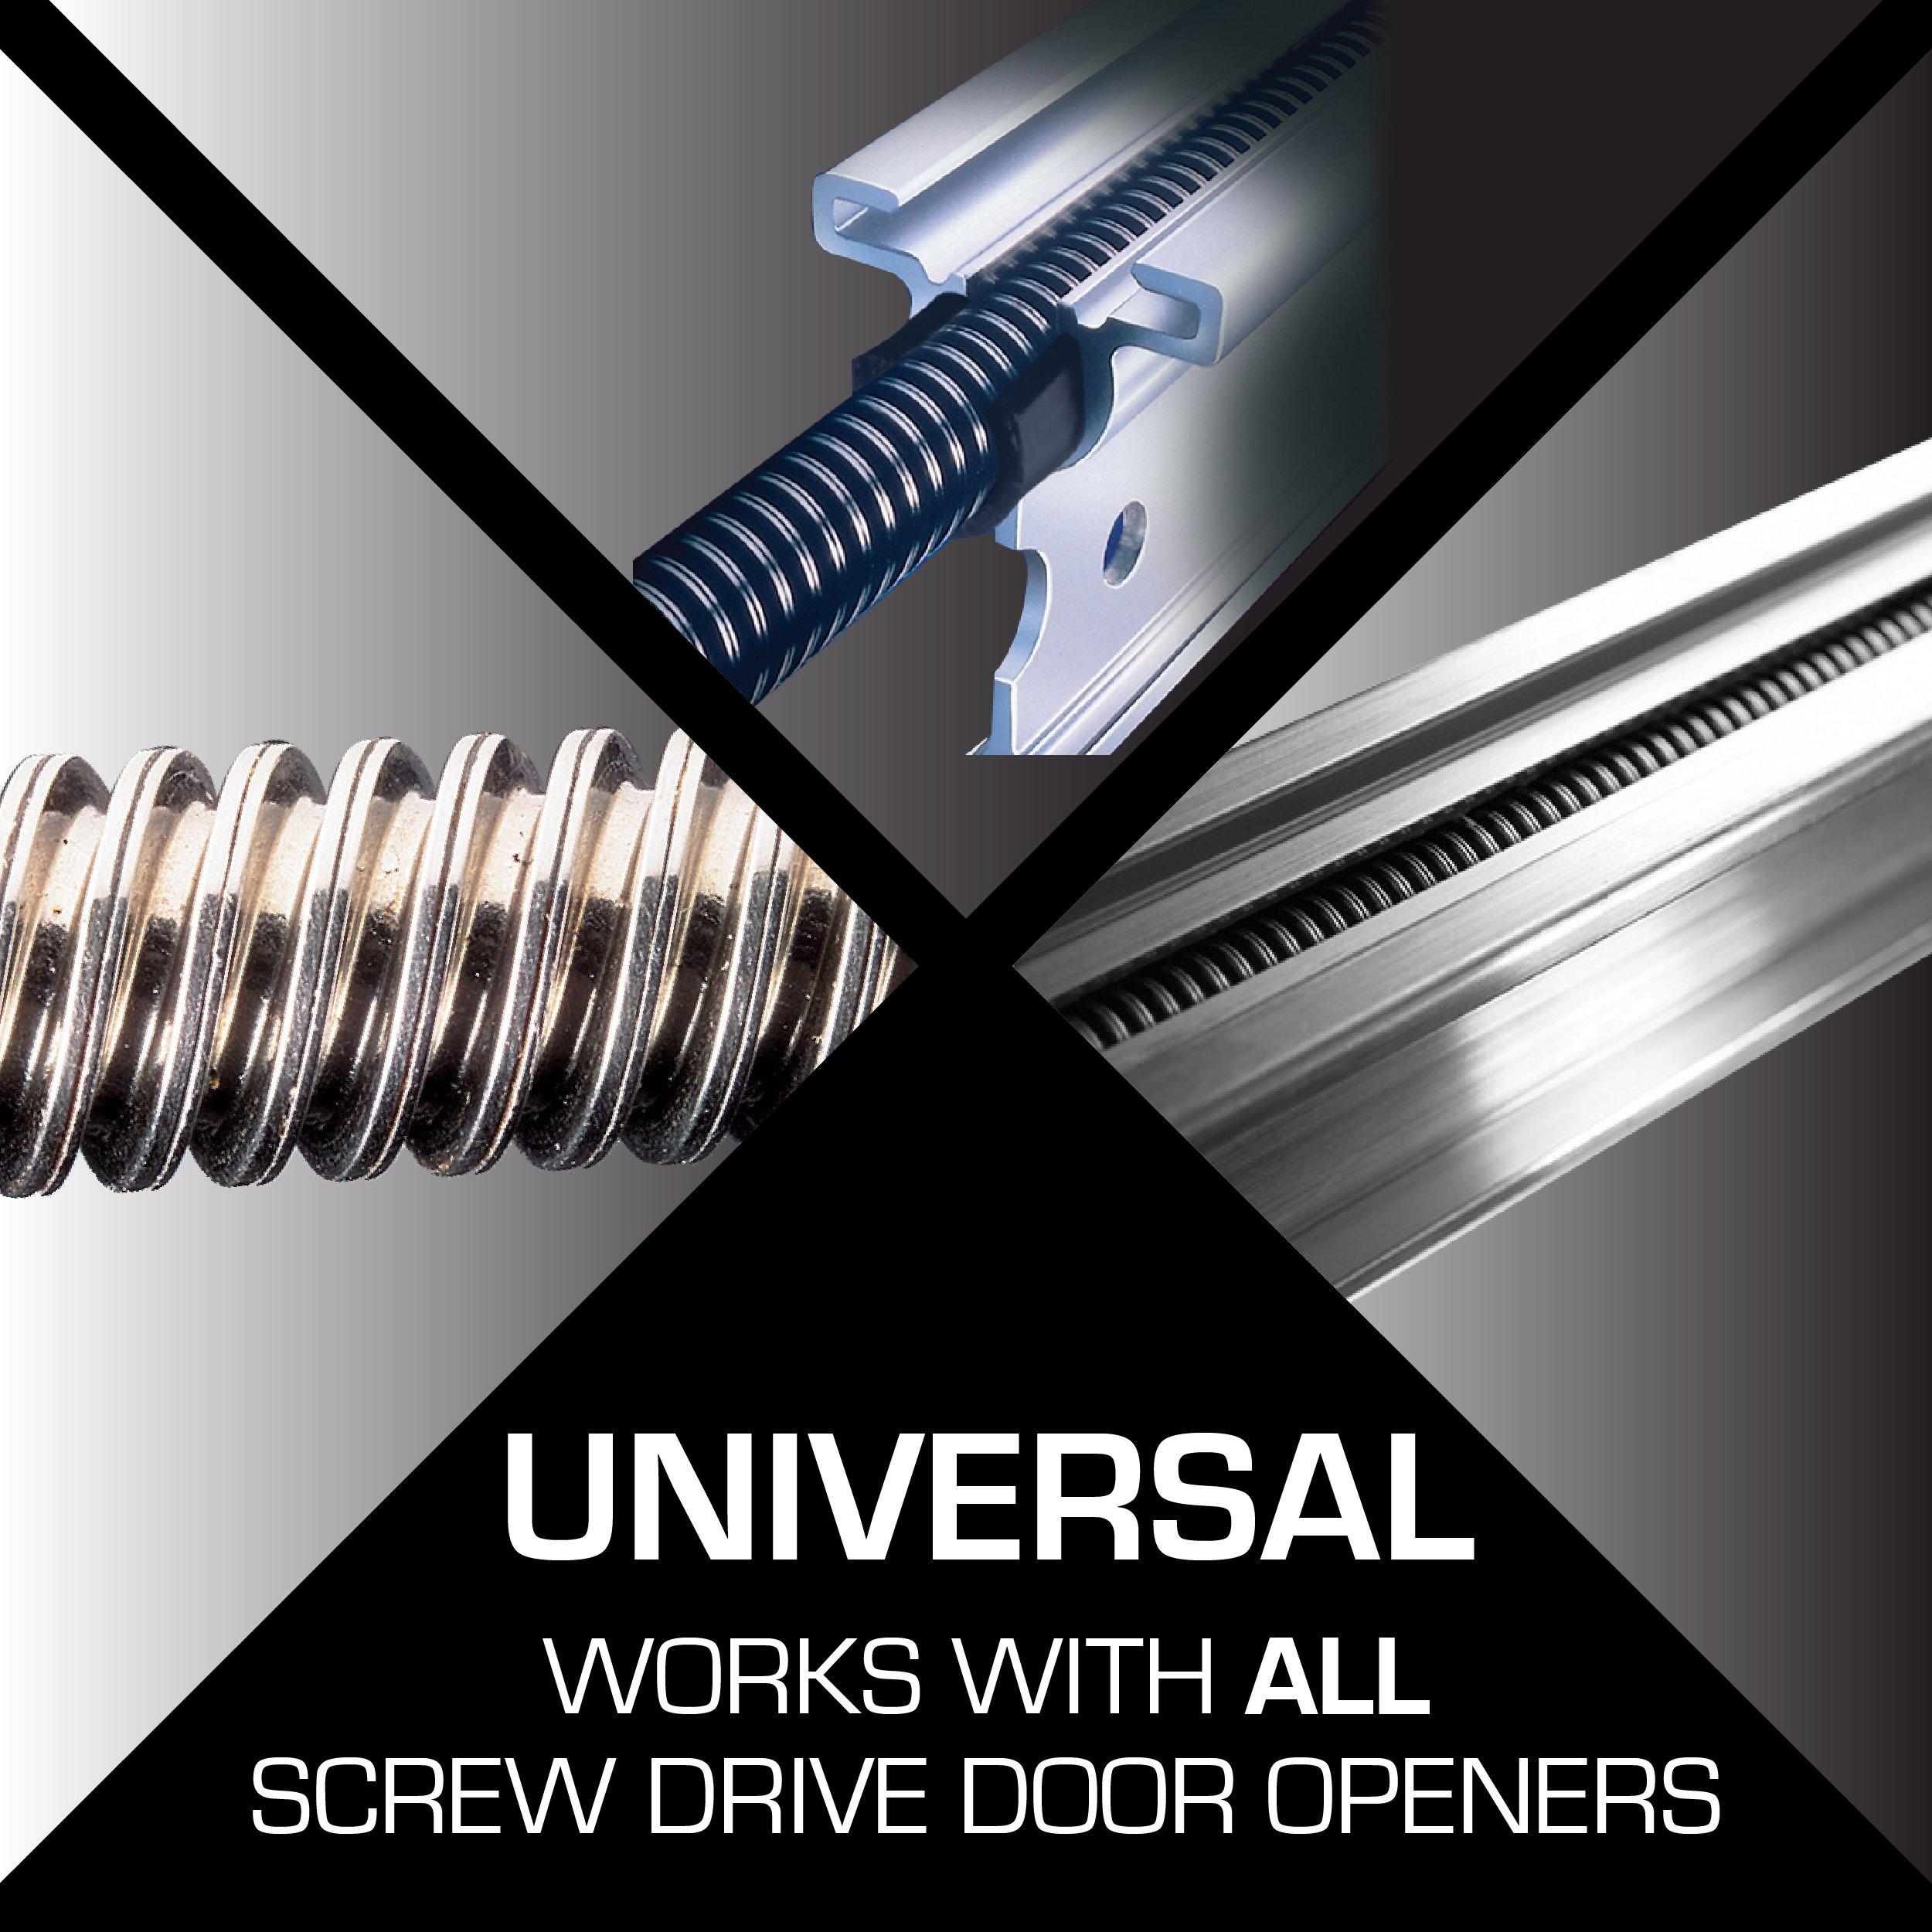 Genie Screw Drive Lube Reduce Garage Door Opener Noise